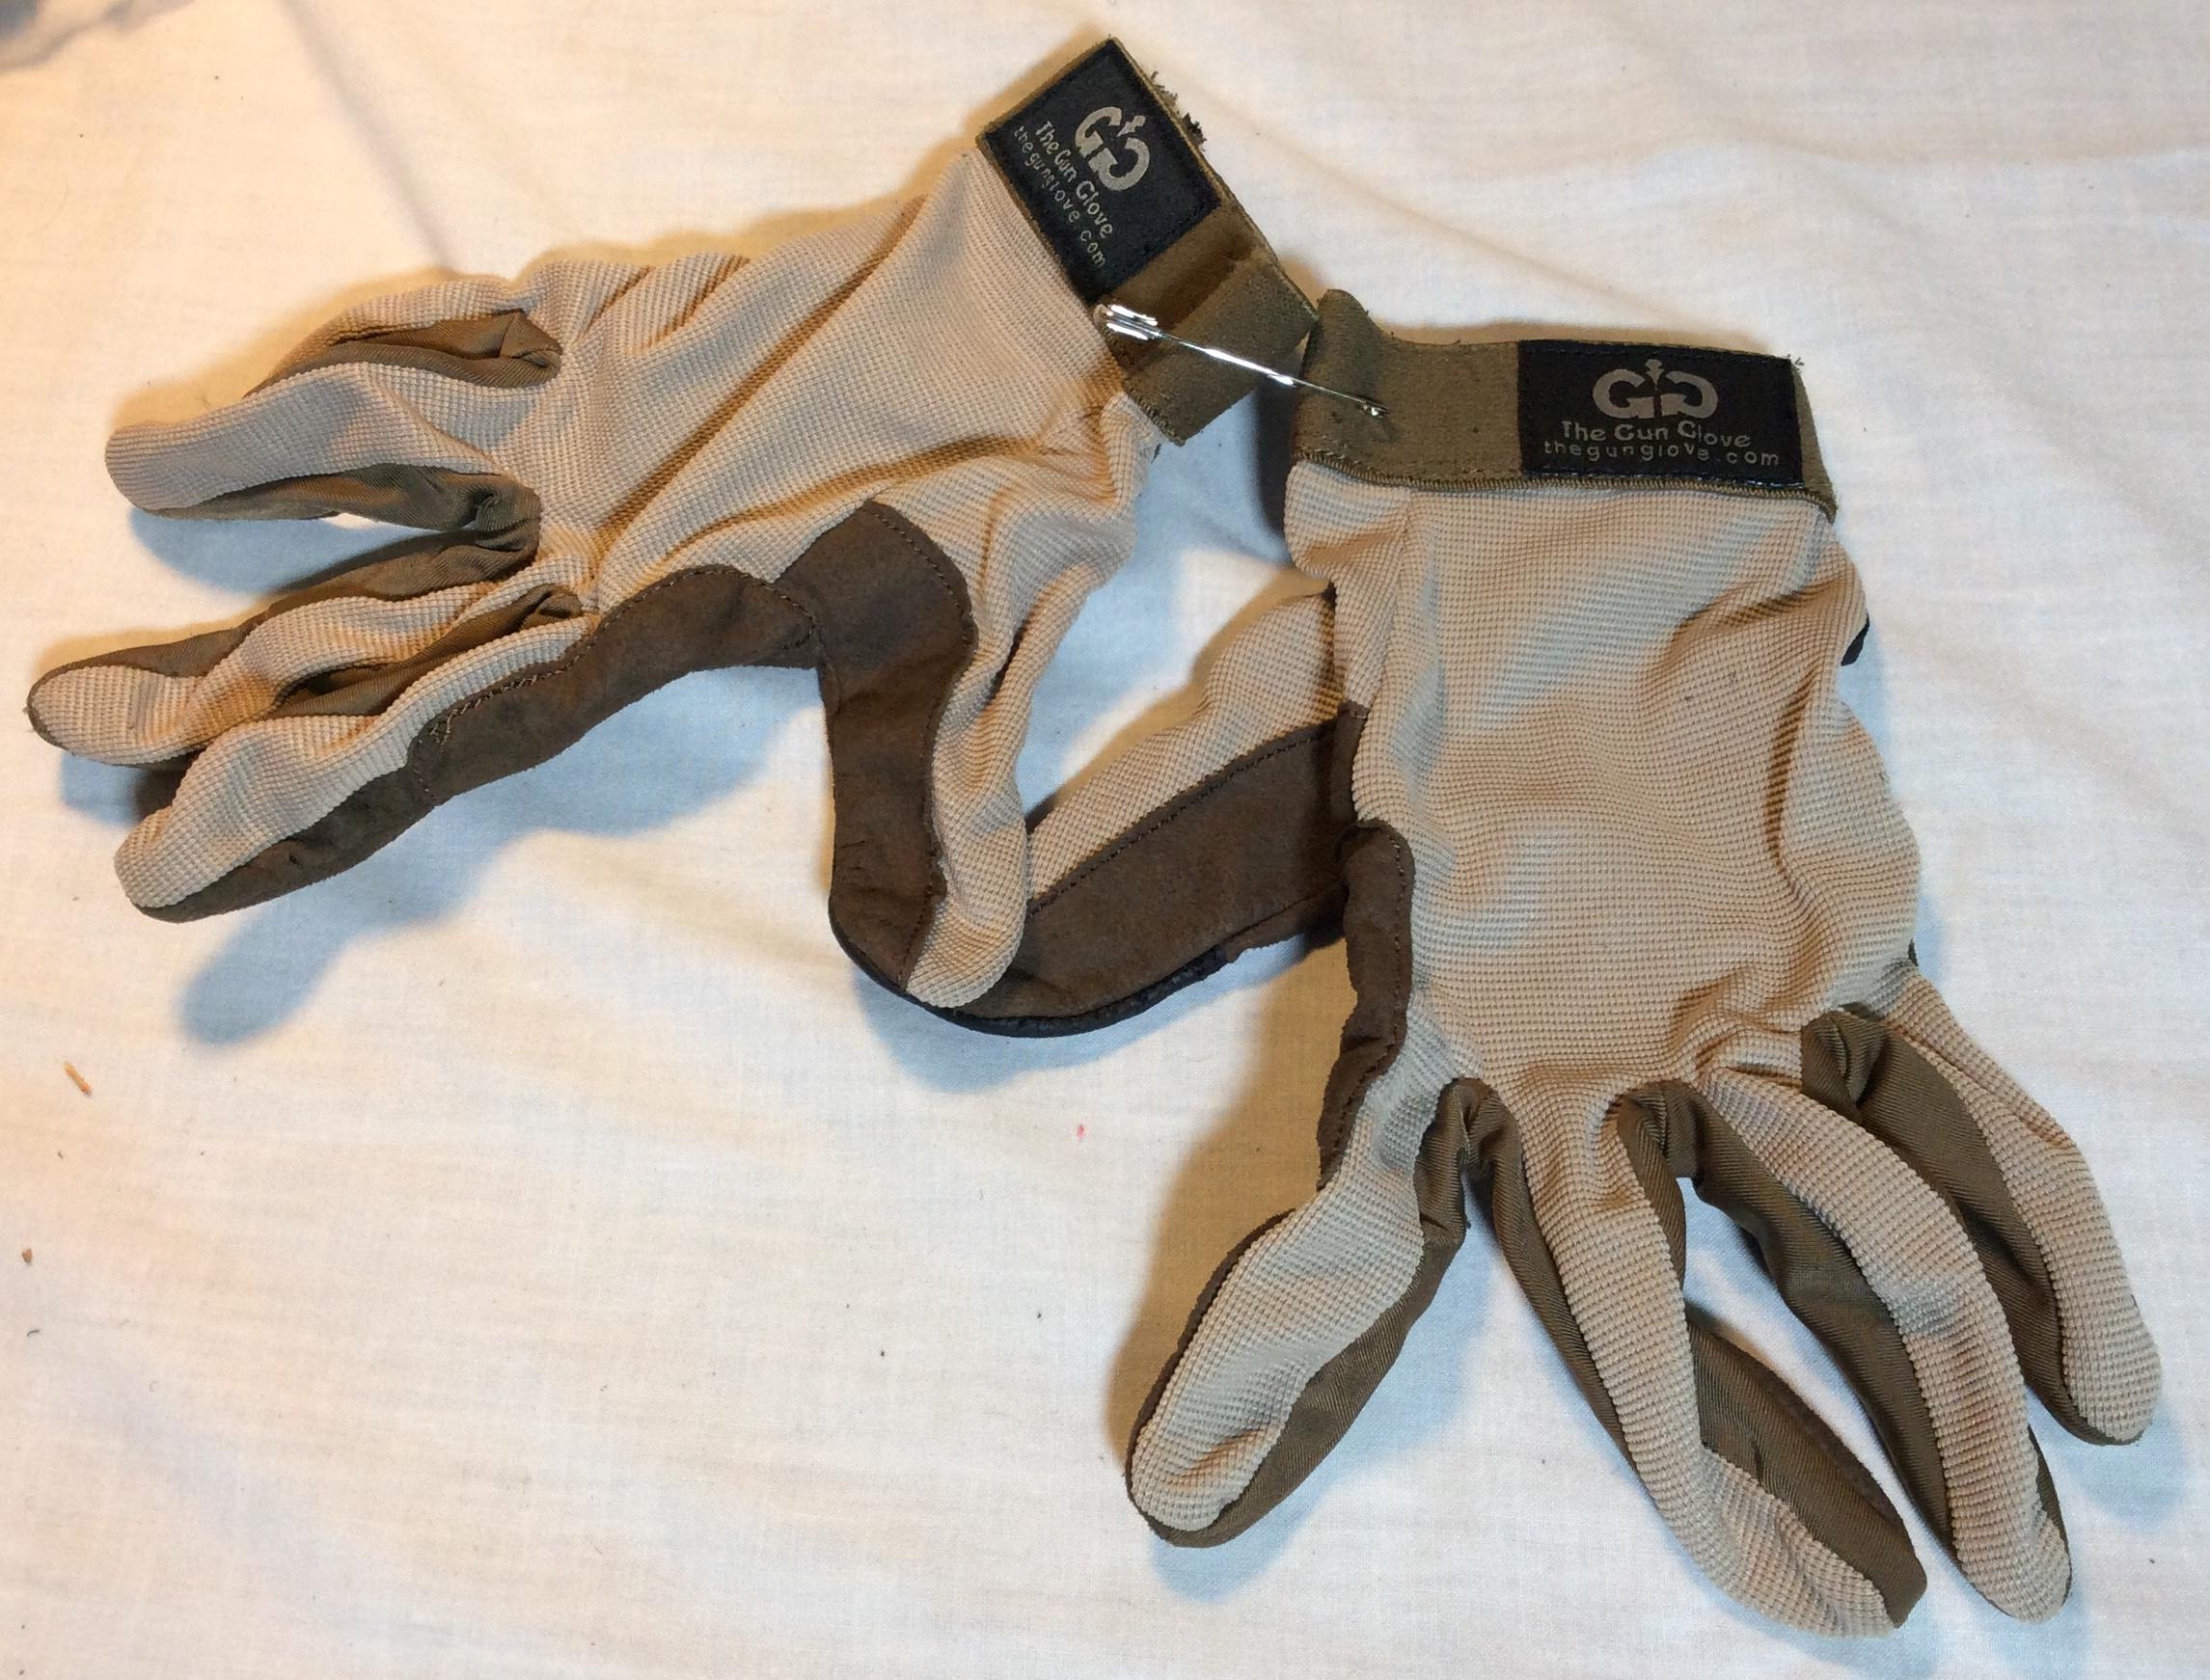 The Gun Glove